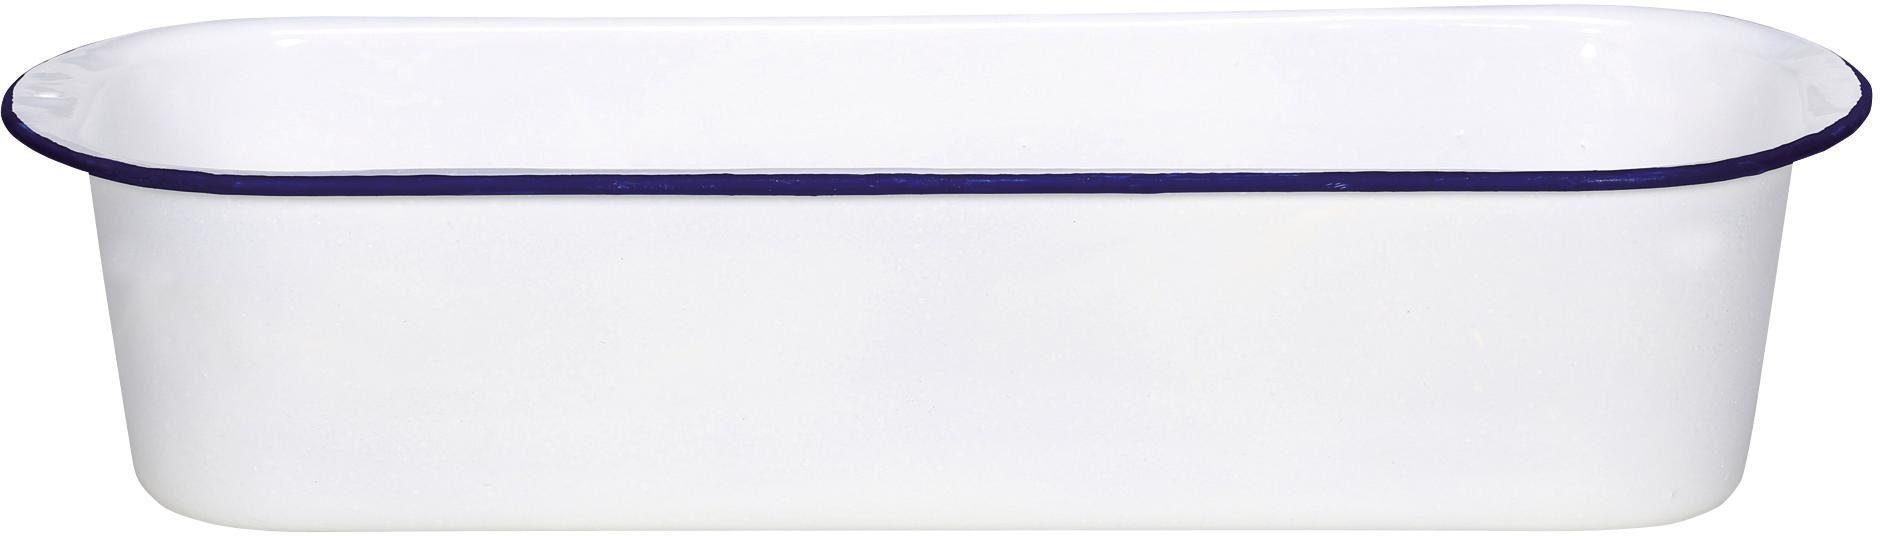 Krüger Brotbackform »Husum«, 32 cm